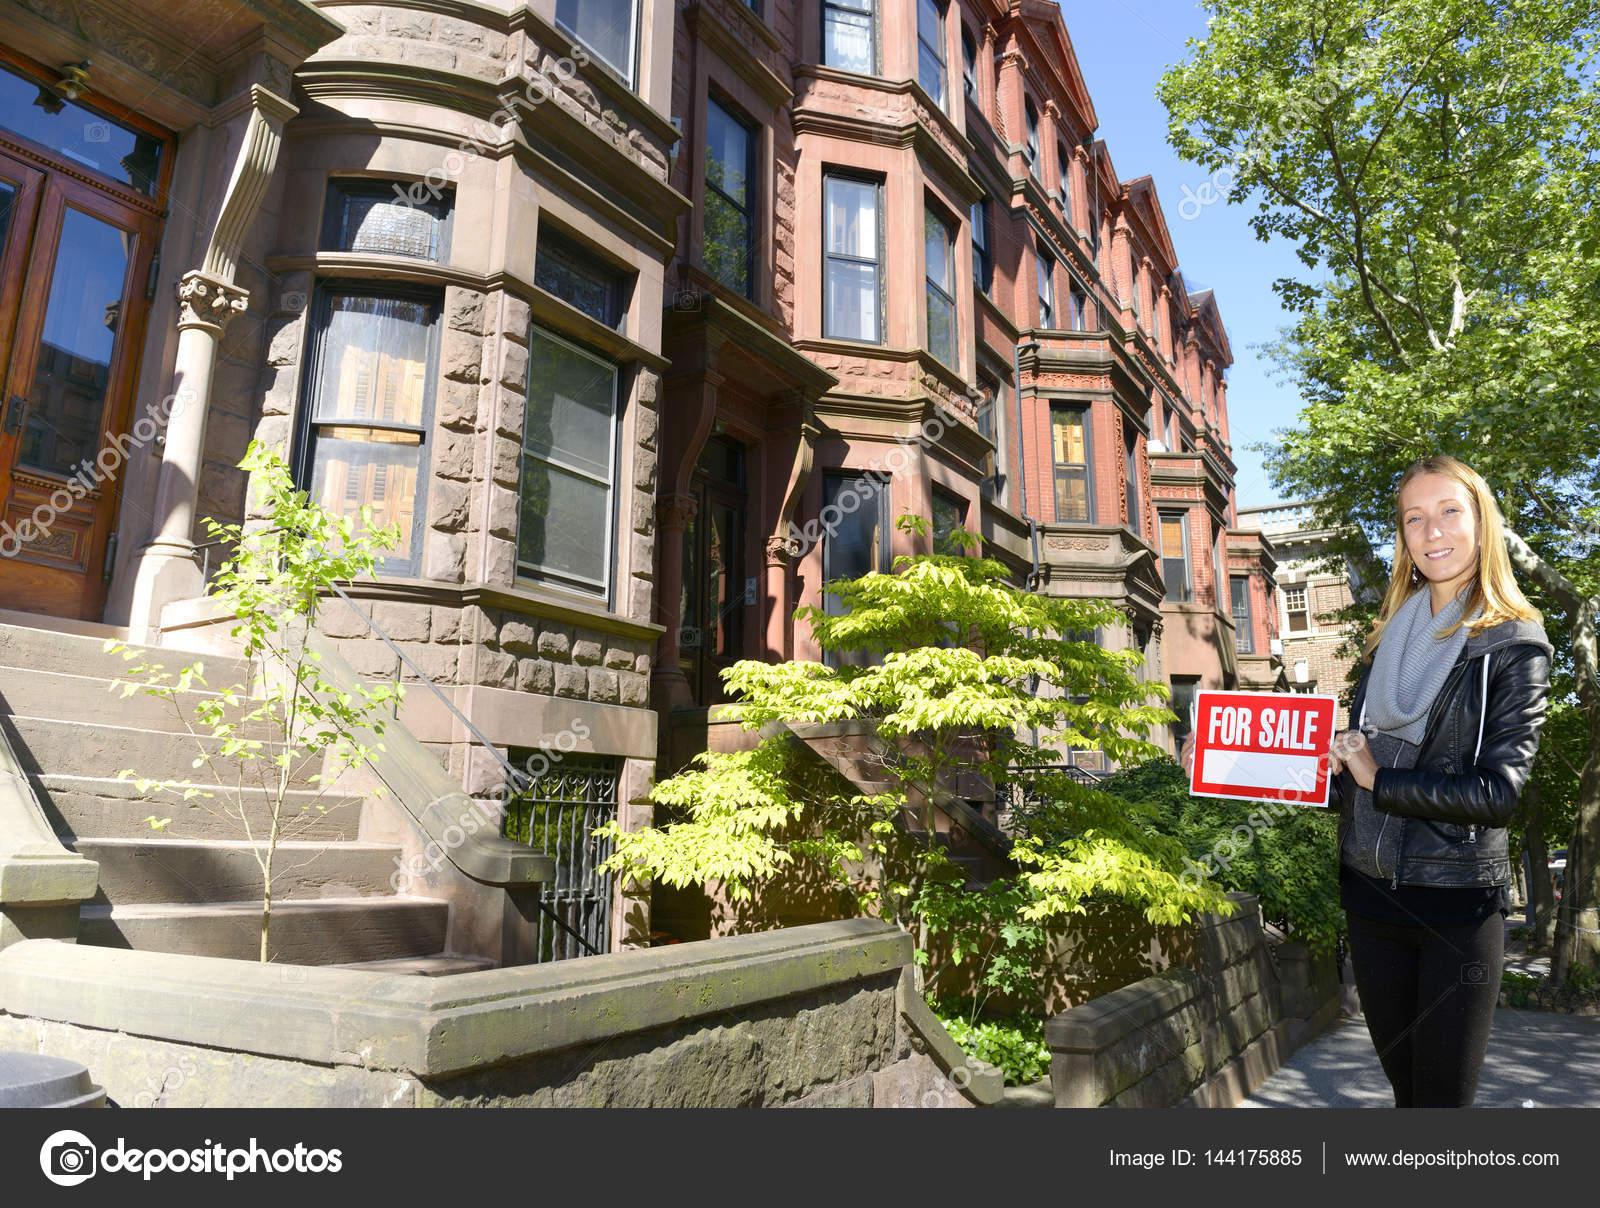 Landelijk Huis Nyc : Vrouw weergegeven huis te koop ondertekenen in new york city